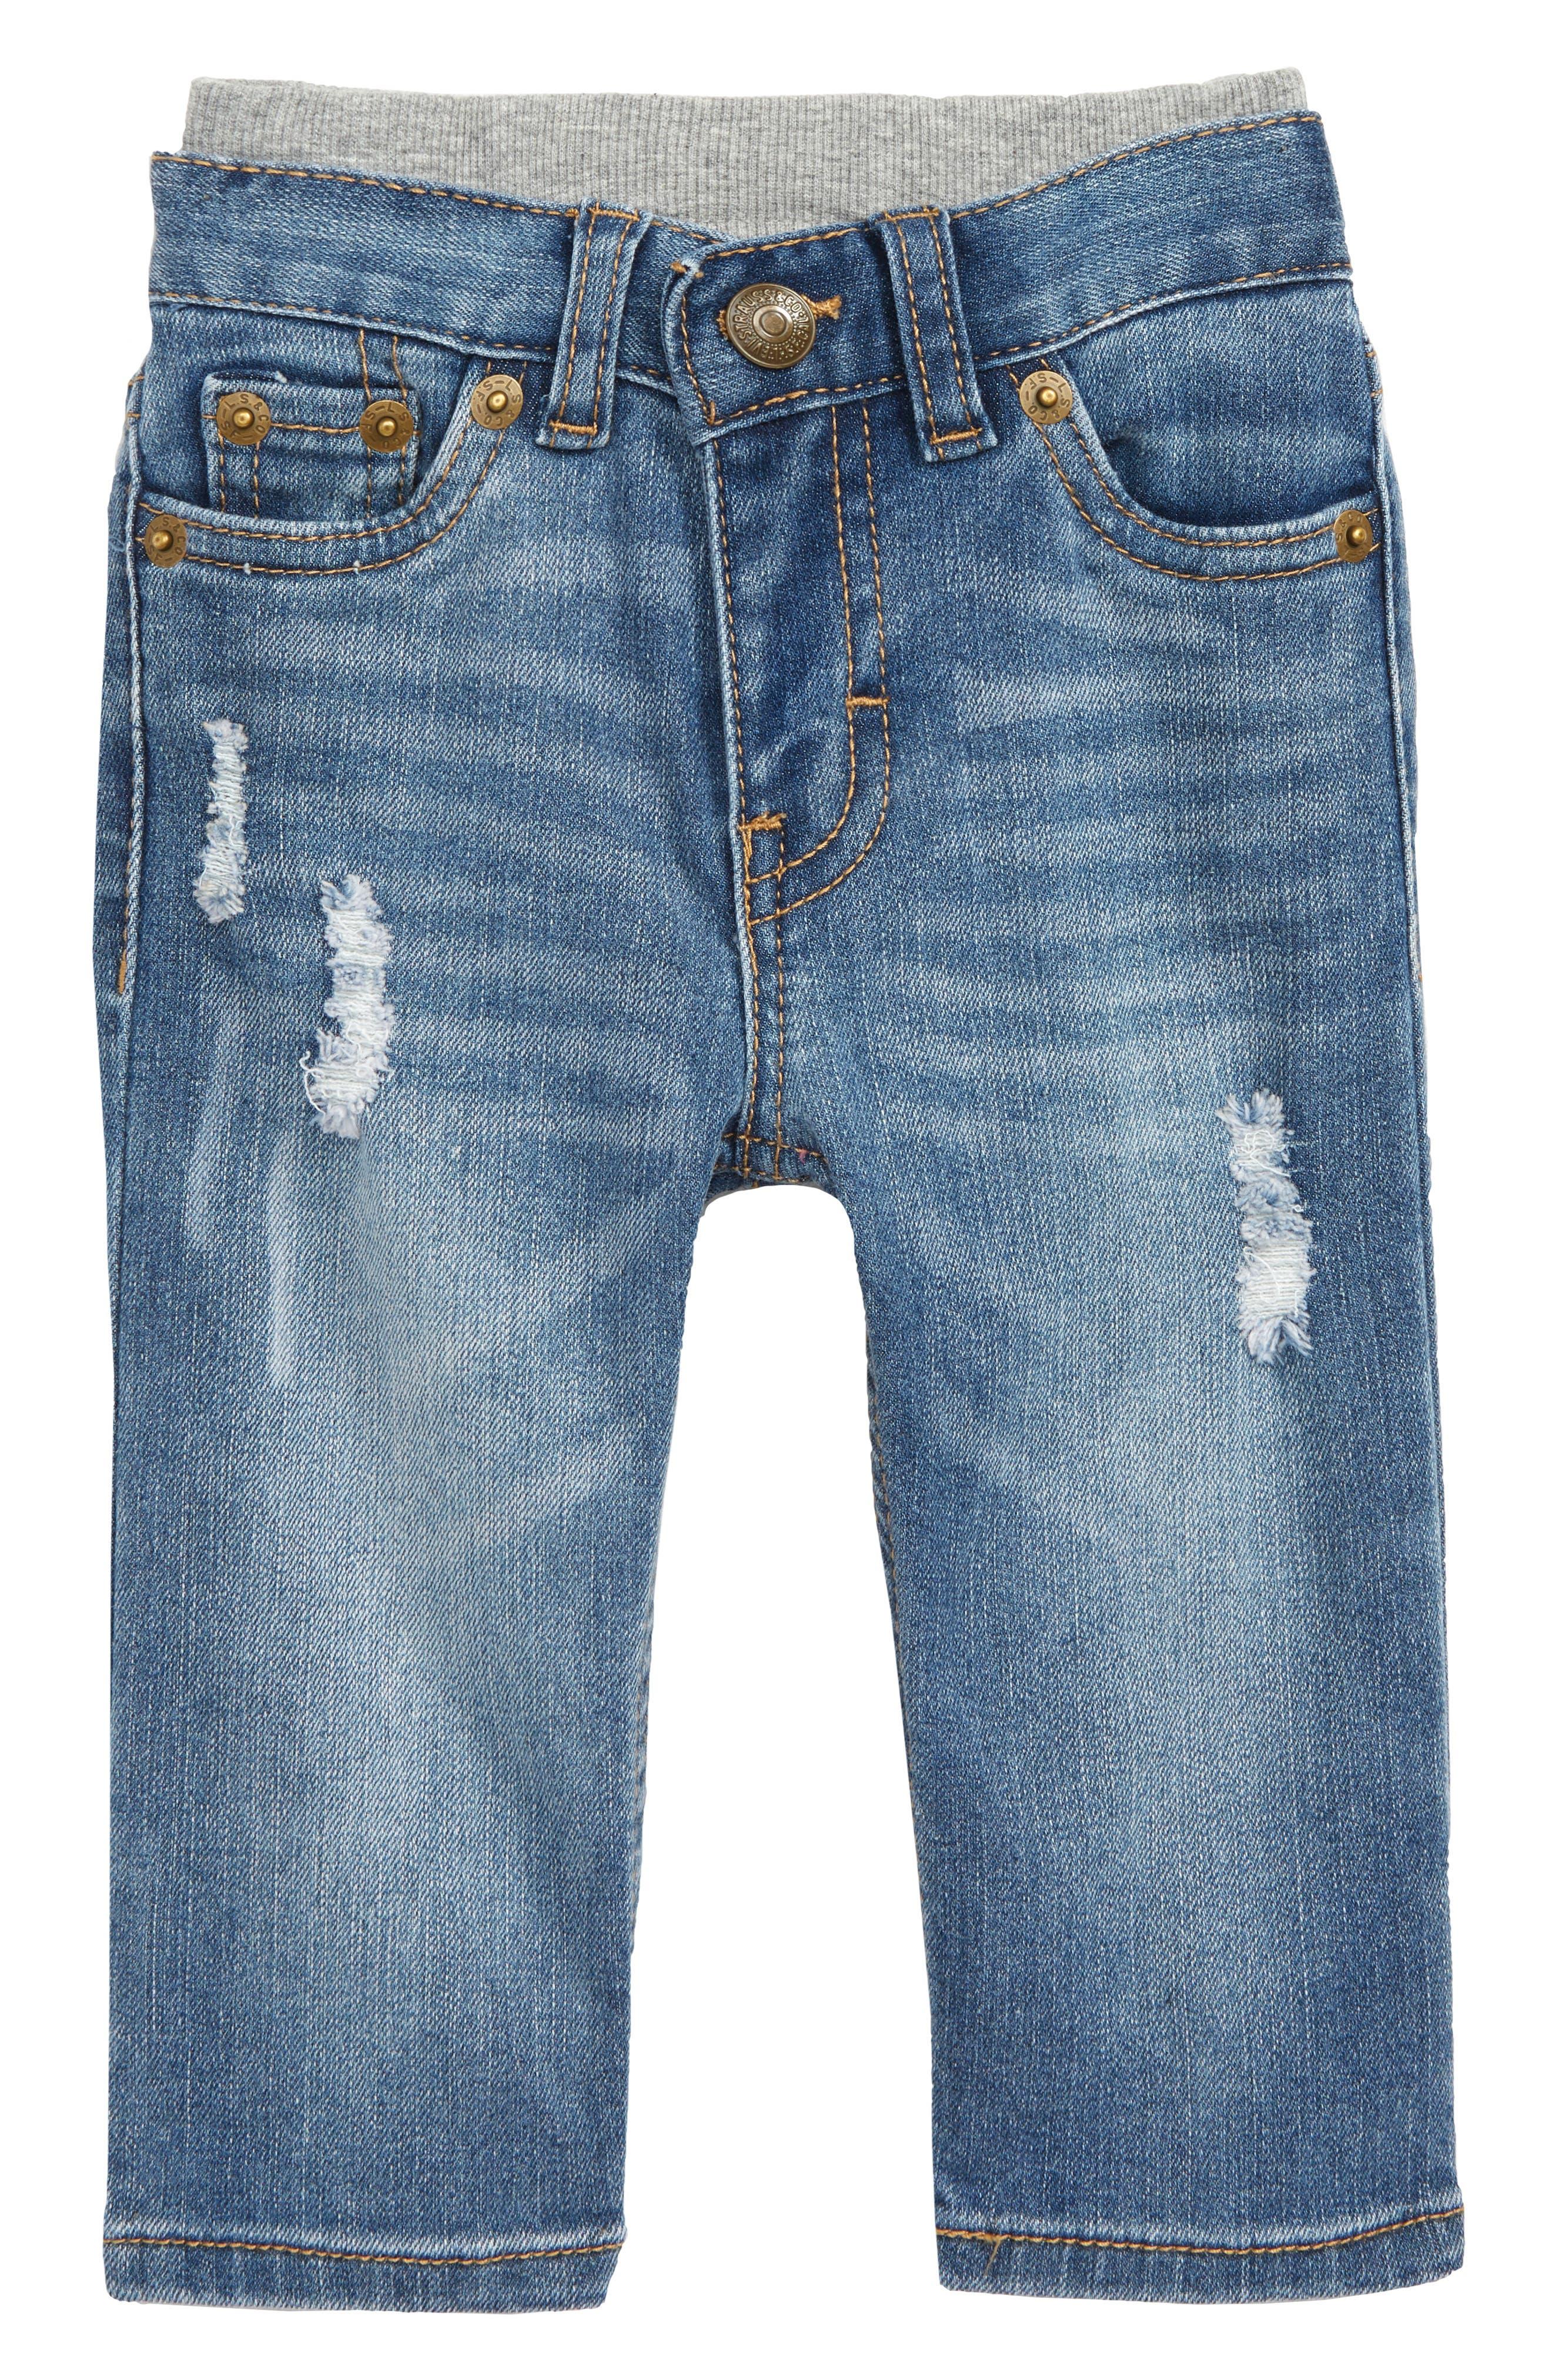 Murphy Jeans,                         Main,                         color, 400